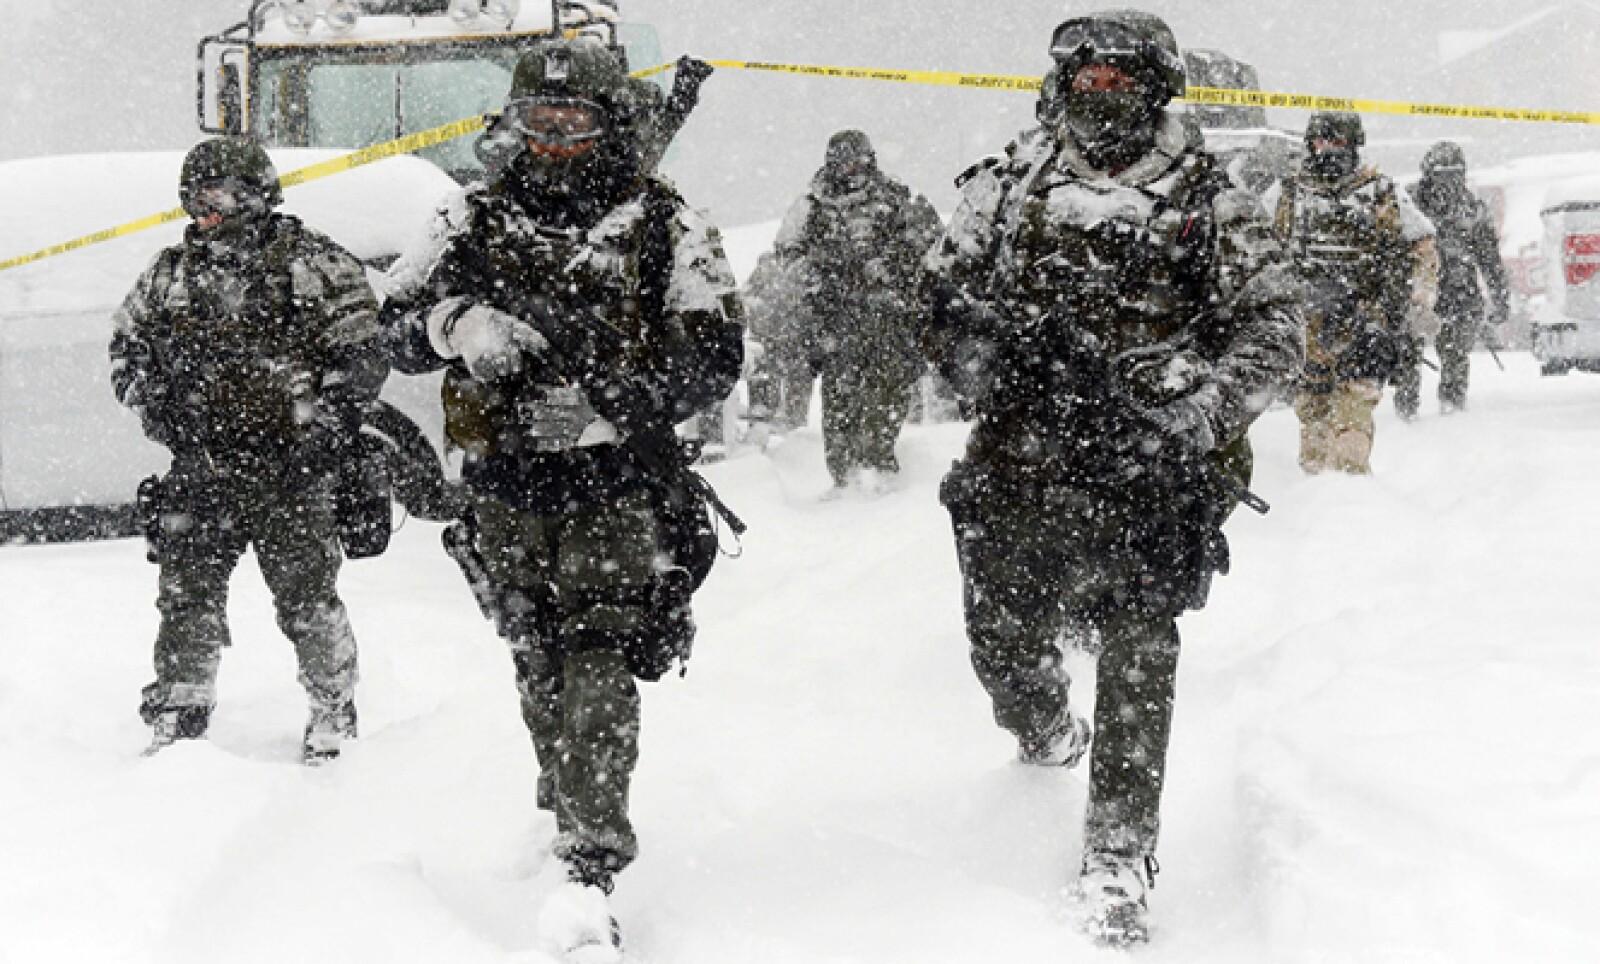 Se prevé que la tormenta afecte este viernes y sábado el noreste de Estados Unidos. Un equipo SWAT camina en la nieve.